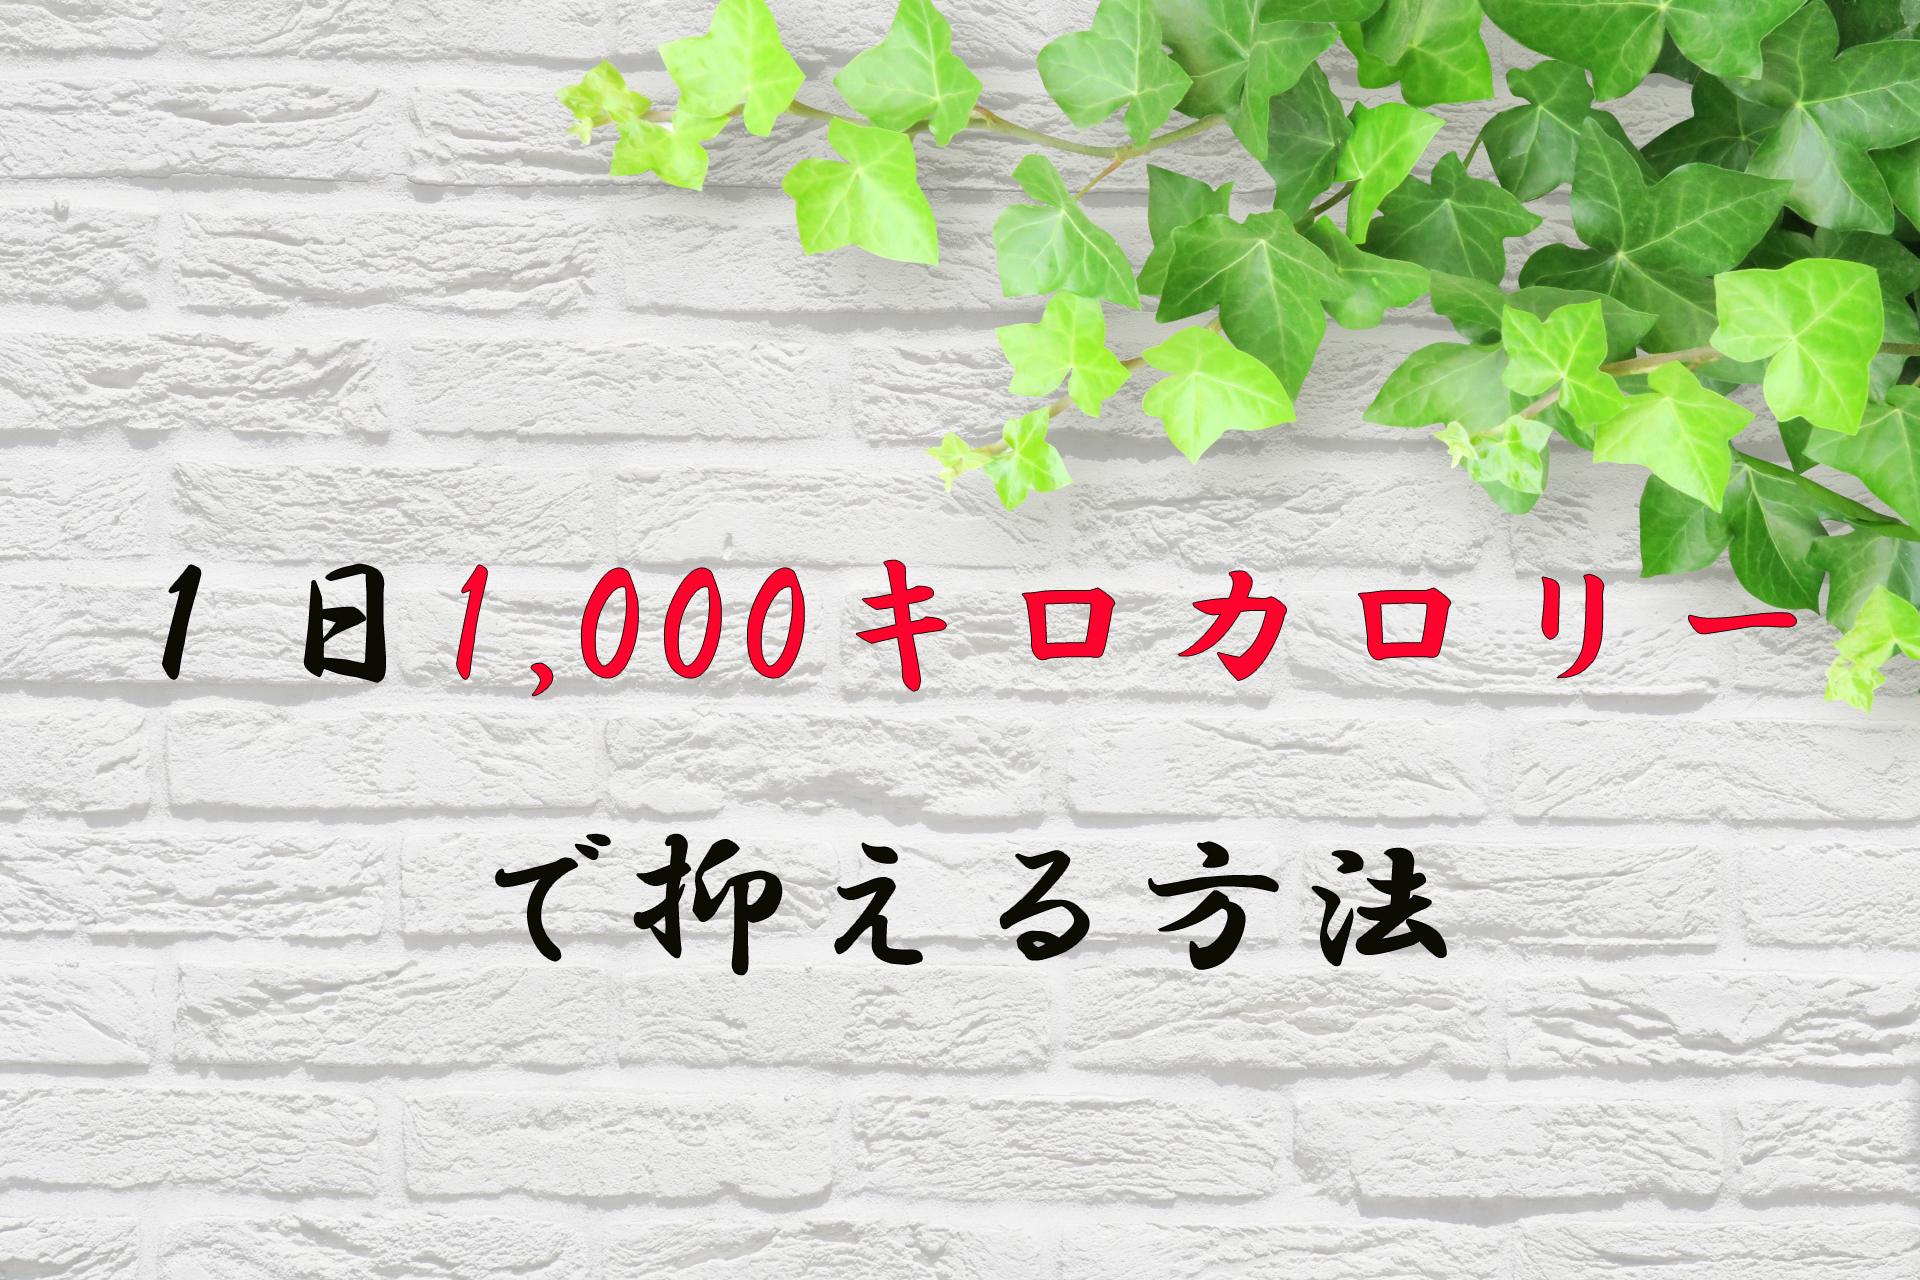 1000 1 キロカロリー 日